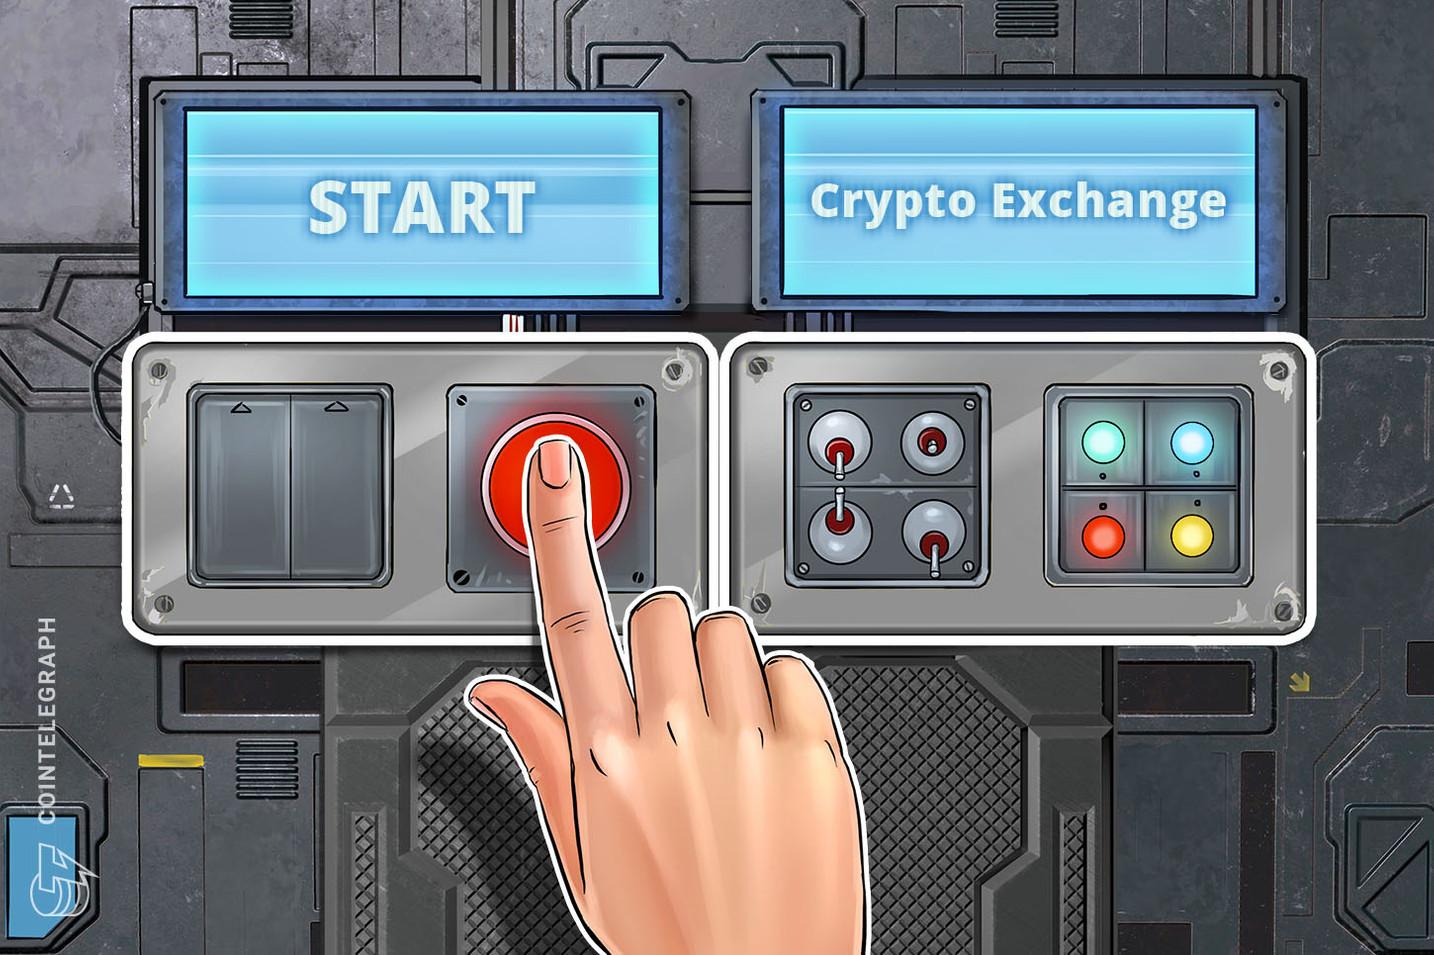 Matična kompanija najveće svetske berze za kriptovalute OKEx pokreće trgovanje u Argentini